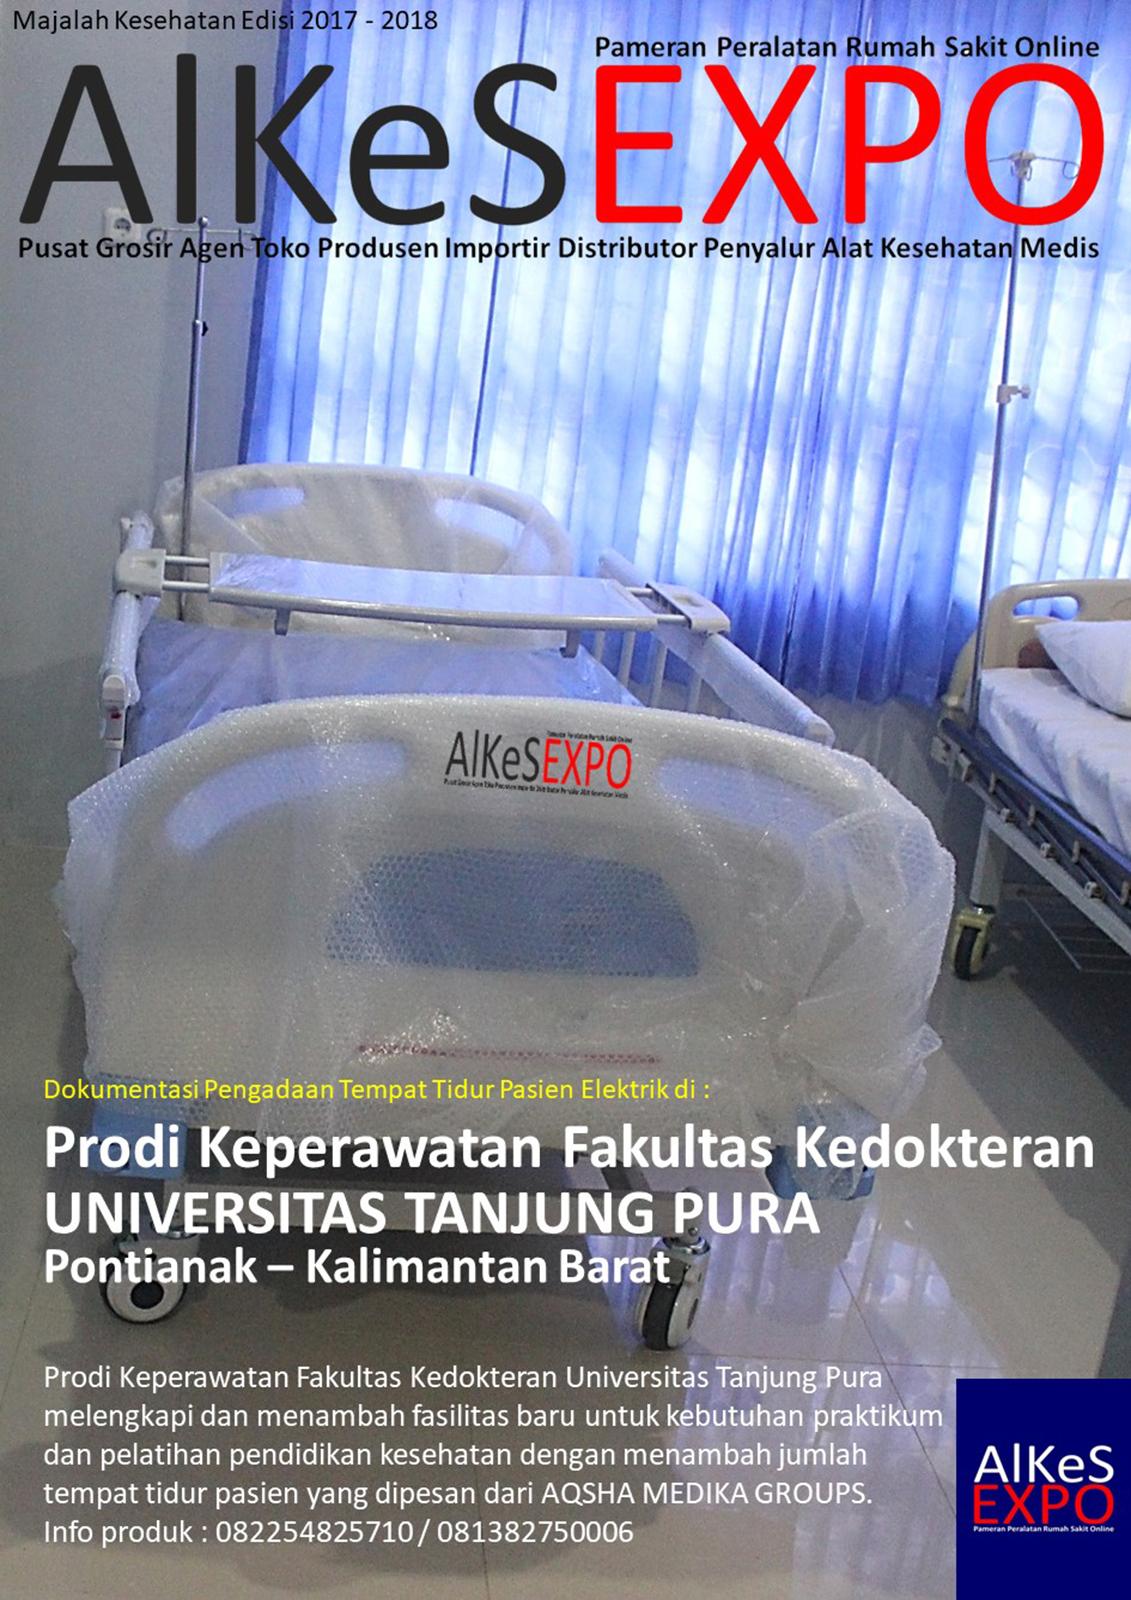 Pembelian Ranjang Rumah Sakit Elektrik Prodi Keperawatan Fakultas Kedokteran Universitas Tanjung Pura Pontianak 2017